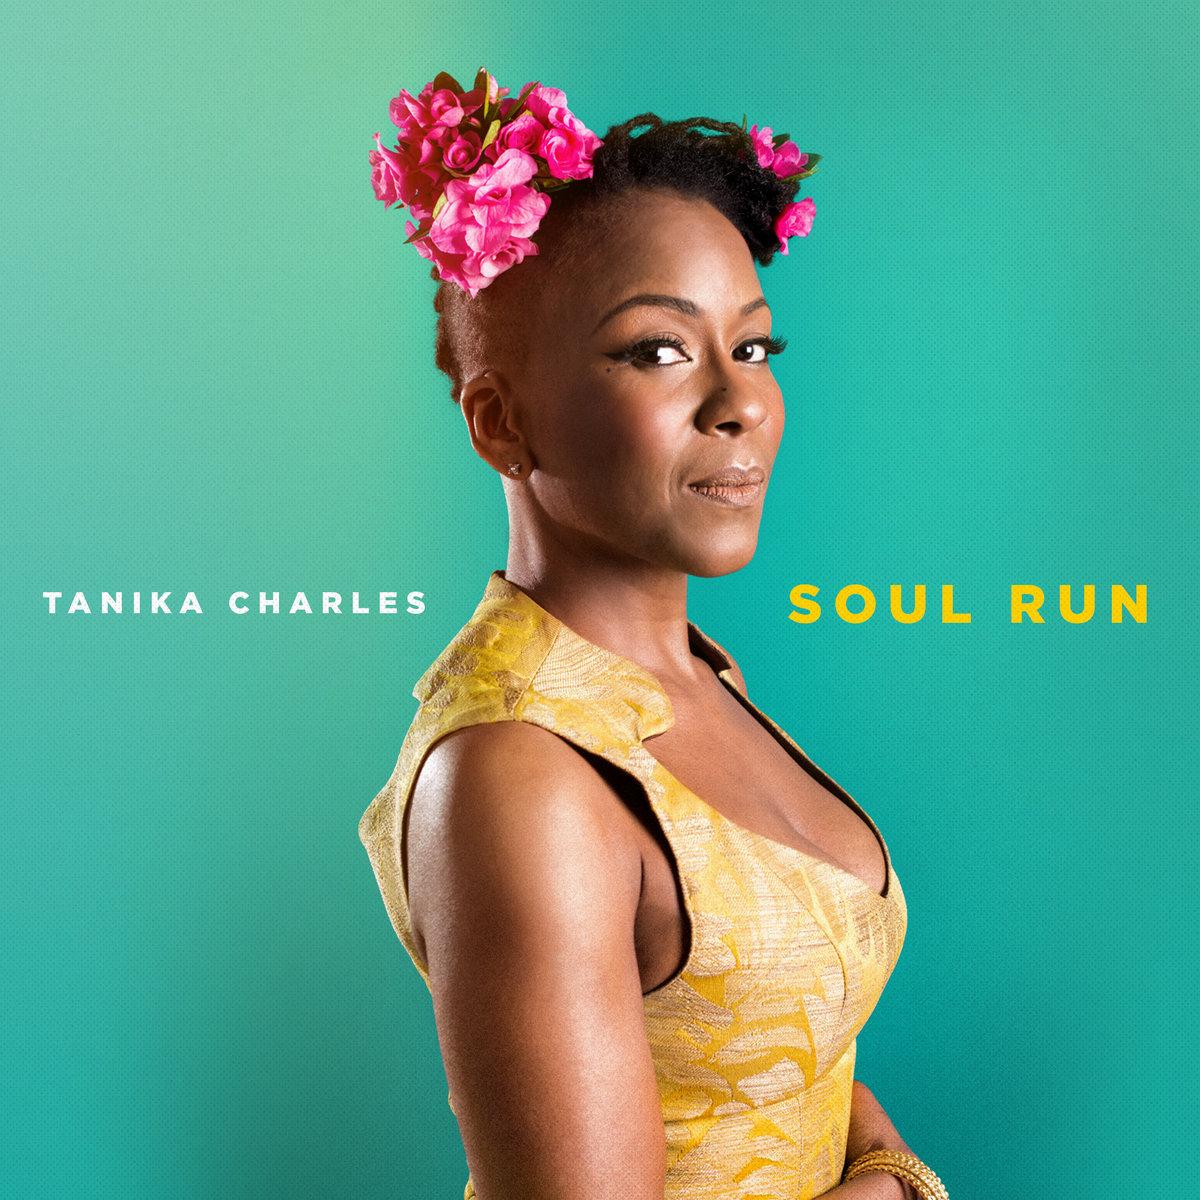 Afbeeldingsresultaat voor Tanika Charles - Soul Run